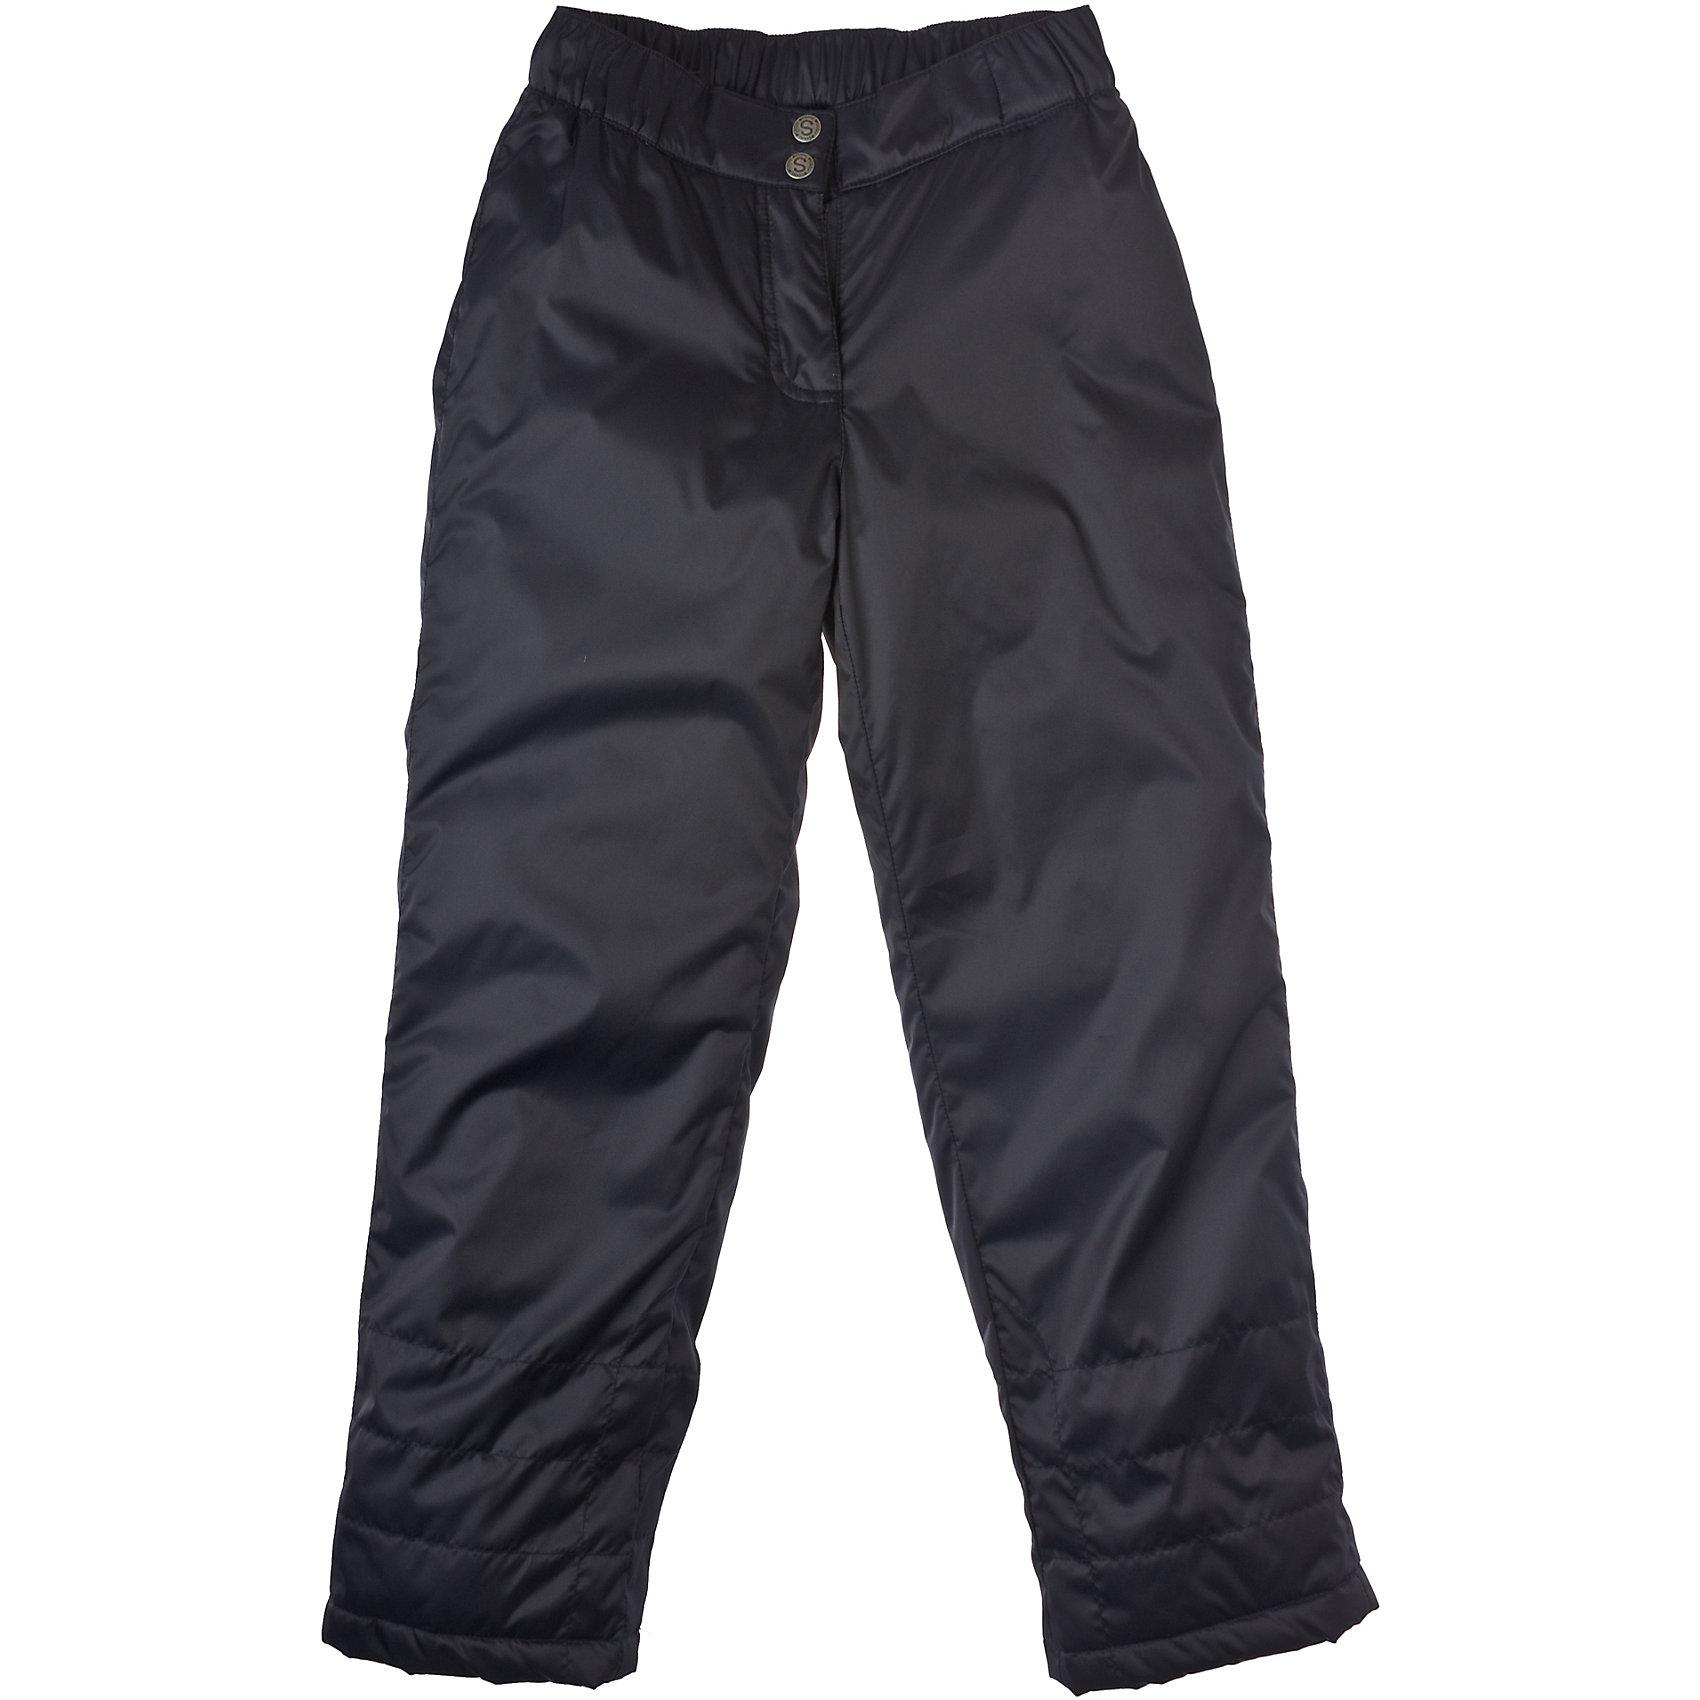 Брюки для девочки ScoolБрюки для девочки Scool Утепленные брюки на холодную погоду. На поясе и по низу брюк - резинка. Состав: Верх: 100% полиэстер, Подкладка: 100% полиэстер, Наполнитель: 100% полиэстер<br><br>Ширина мм: 215<br>Глубина мм: 88<br>Высота мм: 191<br>Вес г: 336<br>Цвет: разноцветный<br>Возраст от месяцев: 120<br>Возраст до месяцев: 132<br>Пол: Женский<br>Возраст: Детский<br>Размер: 164,152,158,134,146,140<br>SKU: 4228335